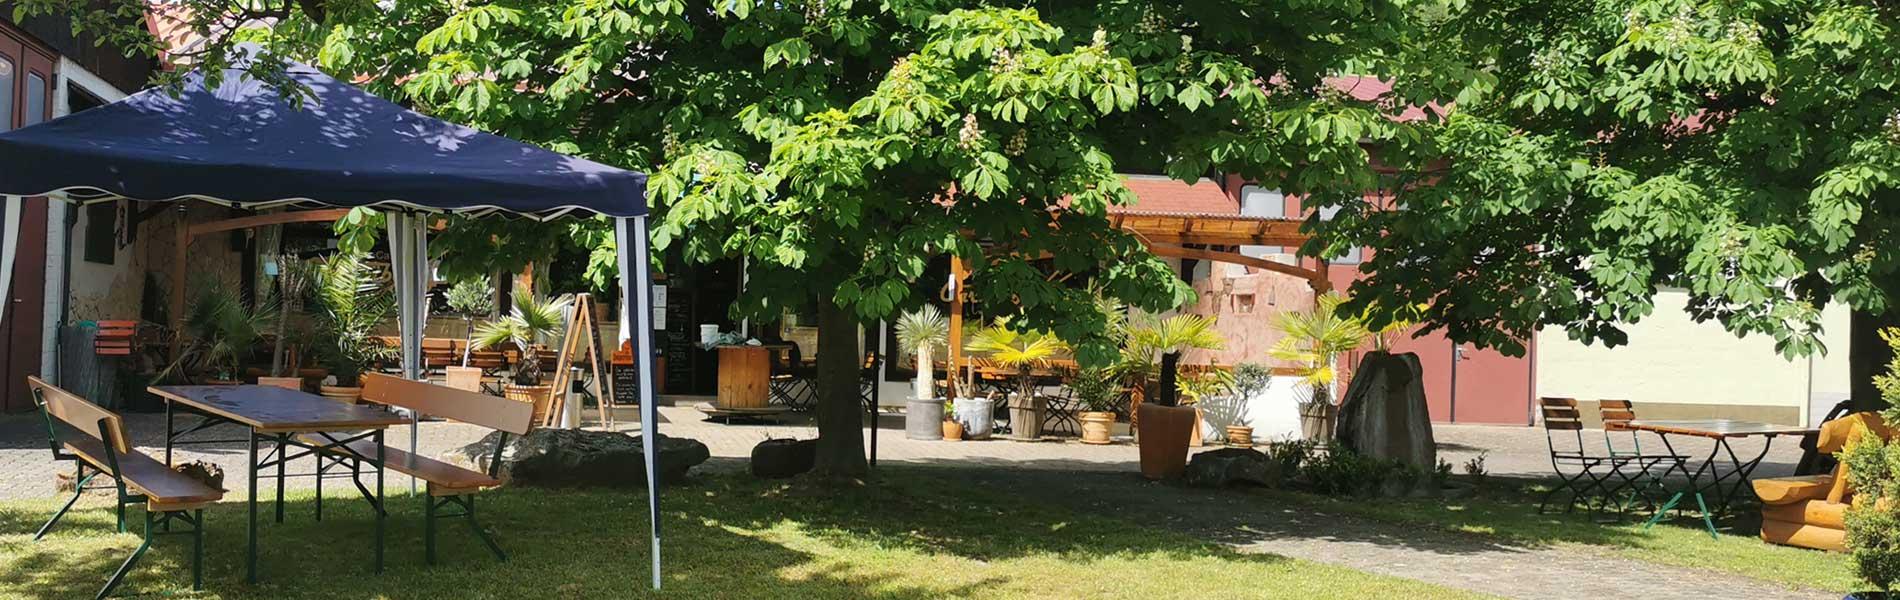 Der Biergarten im Carambolage in Klingenberg a. Main